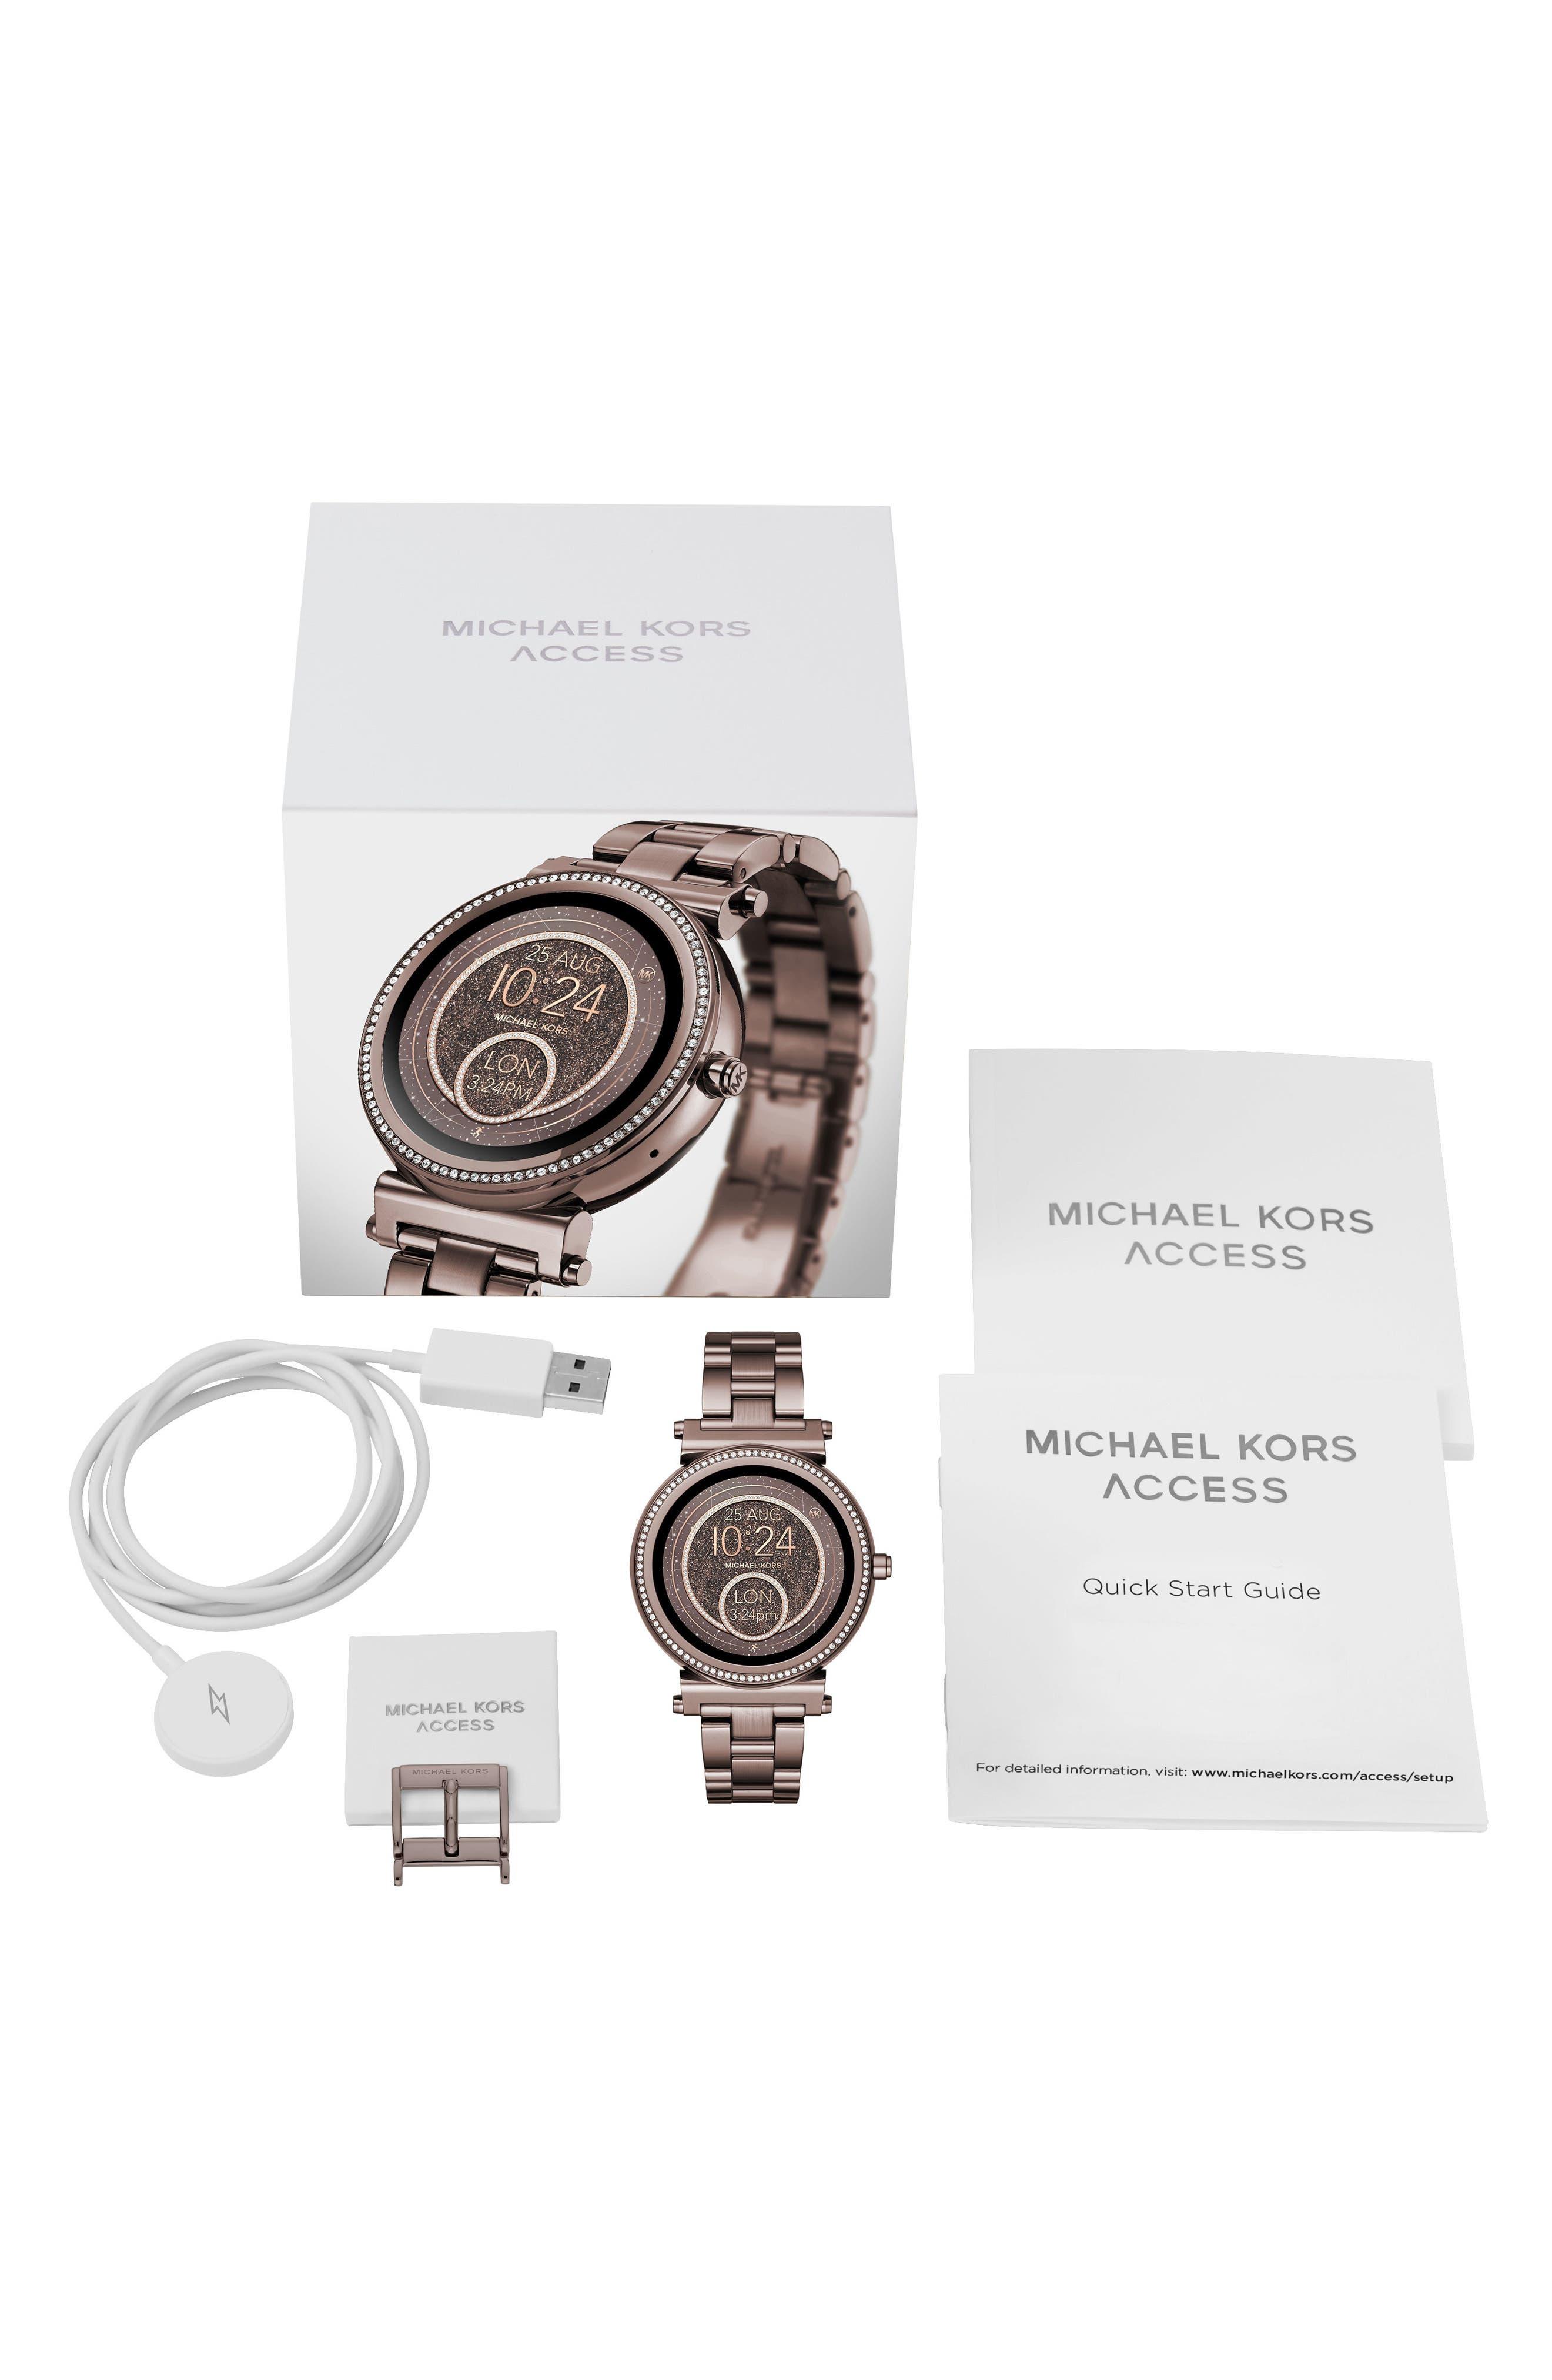 MICHAEL KORS ACCESS, Sofie Smart Bracelet Watch, 42mm, Alternate thumbnail 4, color, SABLE